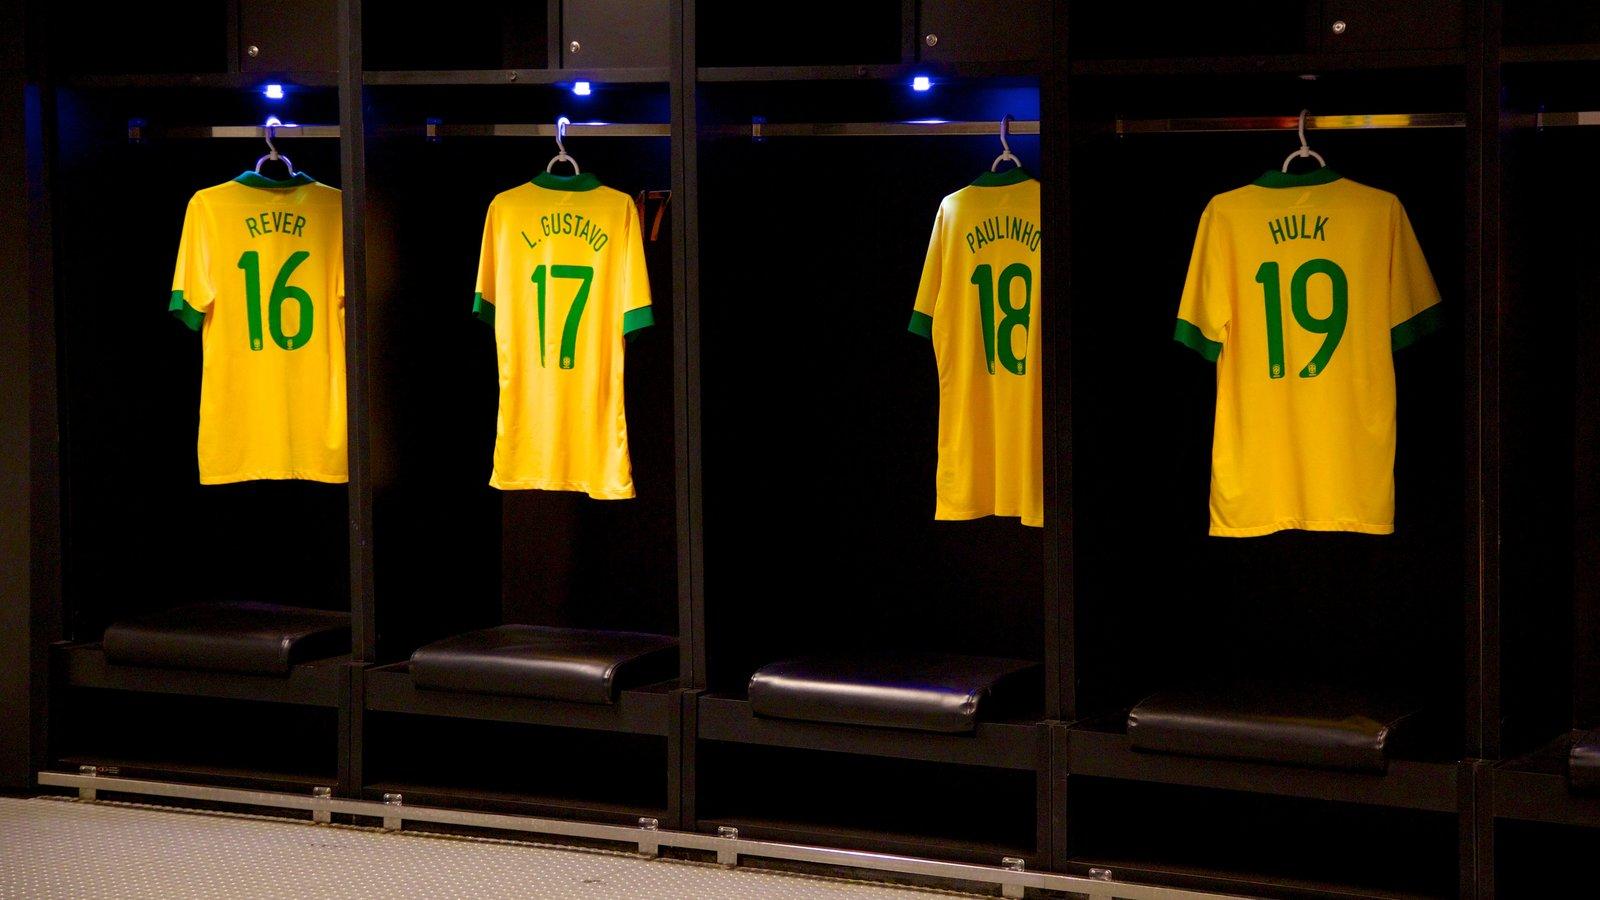 Estádio Mário Filho caracterizando vistas internas